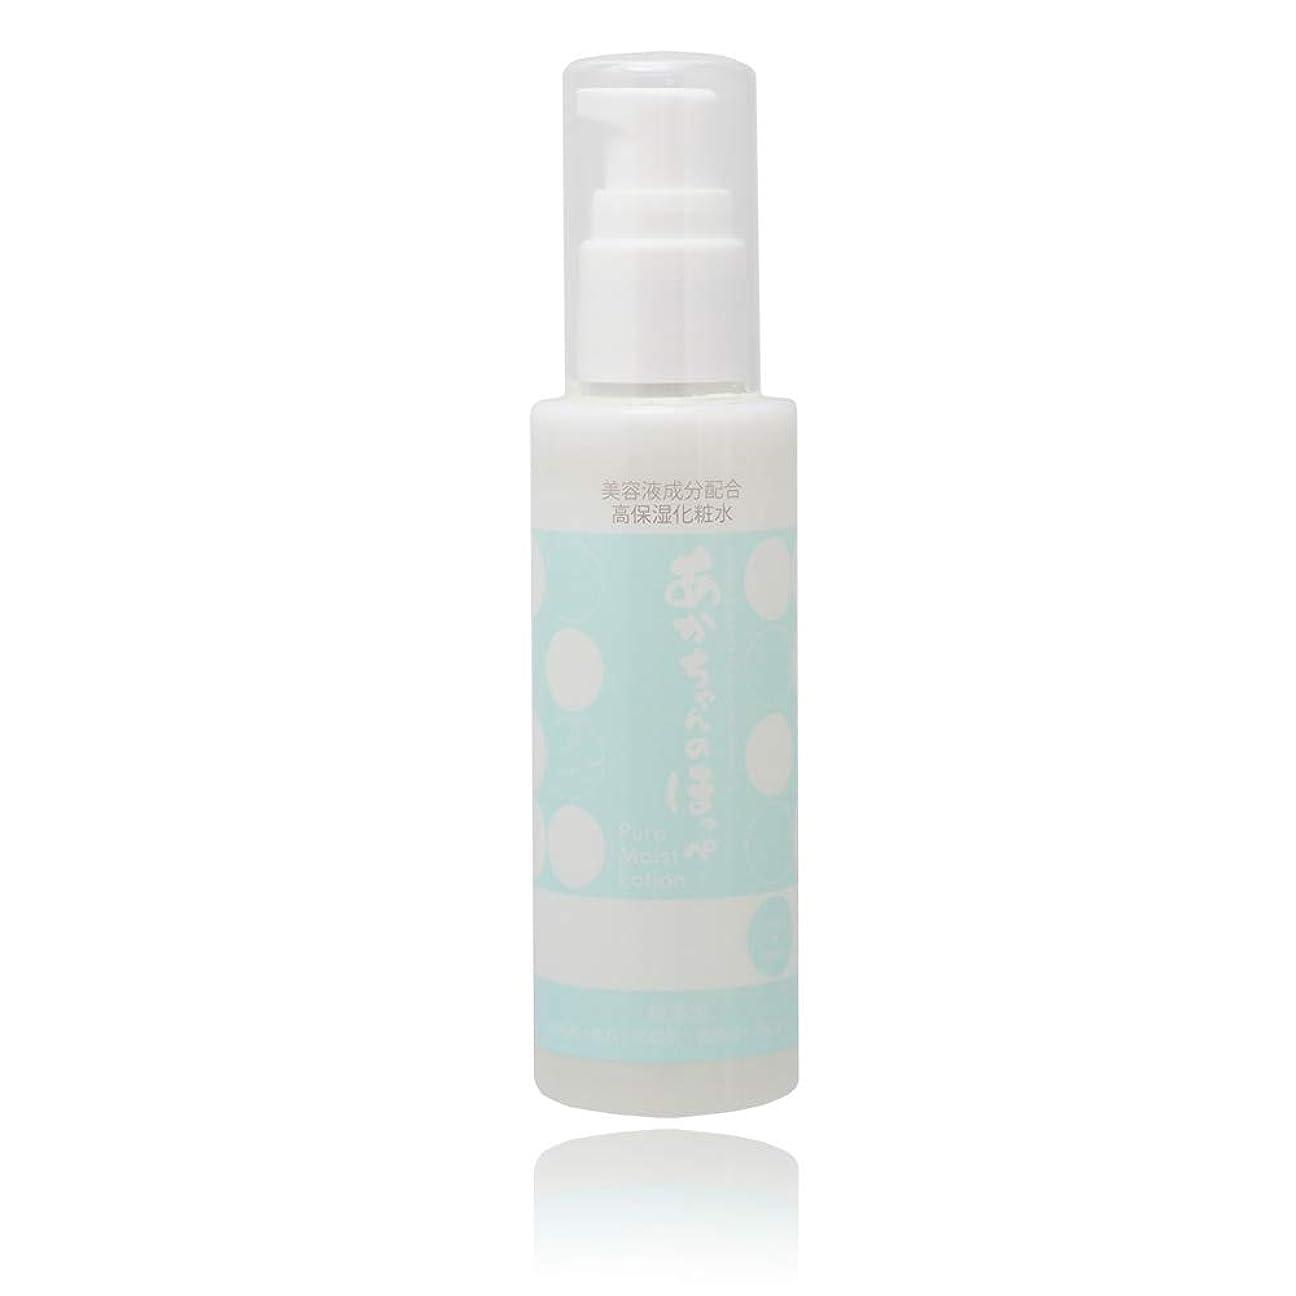 振動する思春期の素人美容液からつくった高保湿栄養化粧水 「あかちゃんのほっぺ」 PureMoist 80ml 明日のお肌が好きになる化粧水